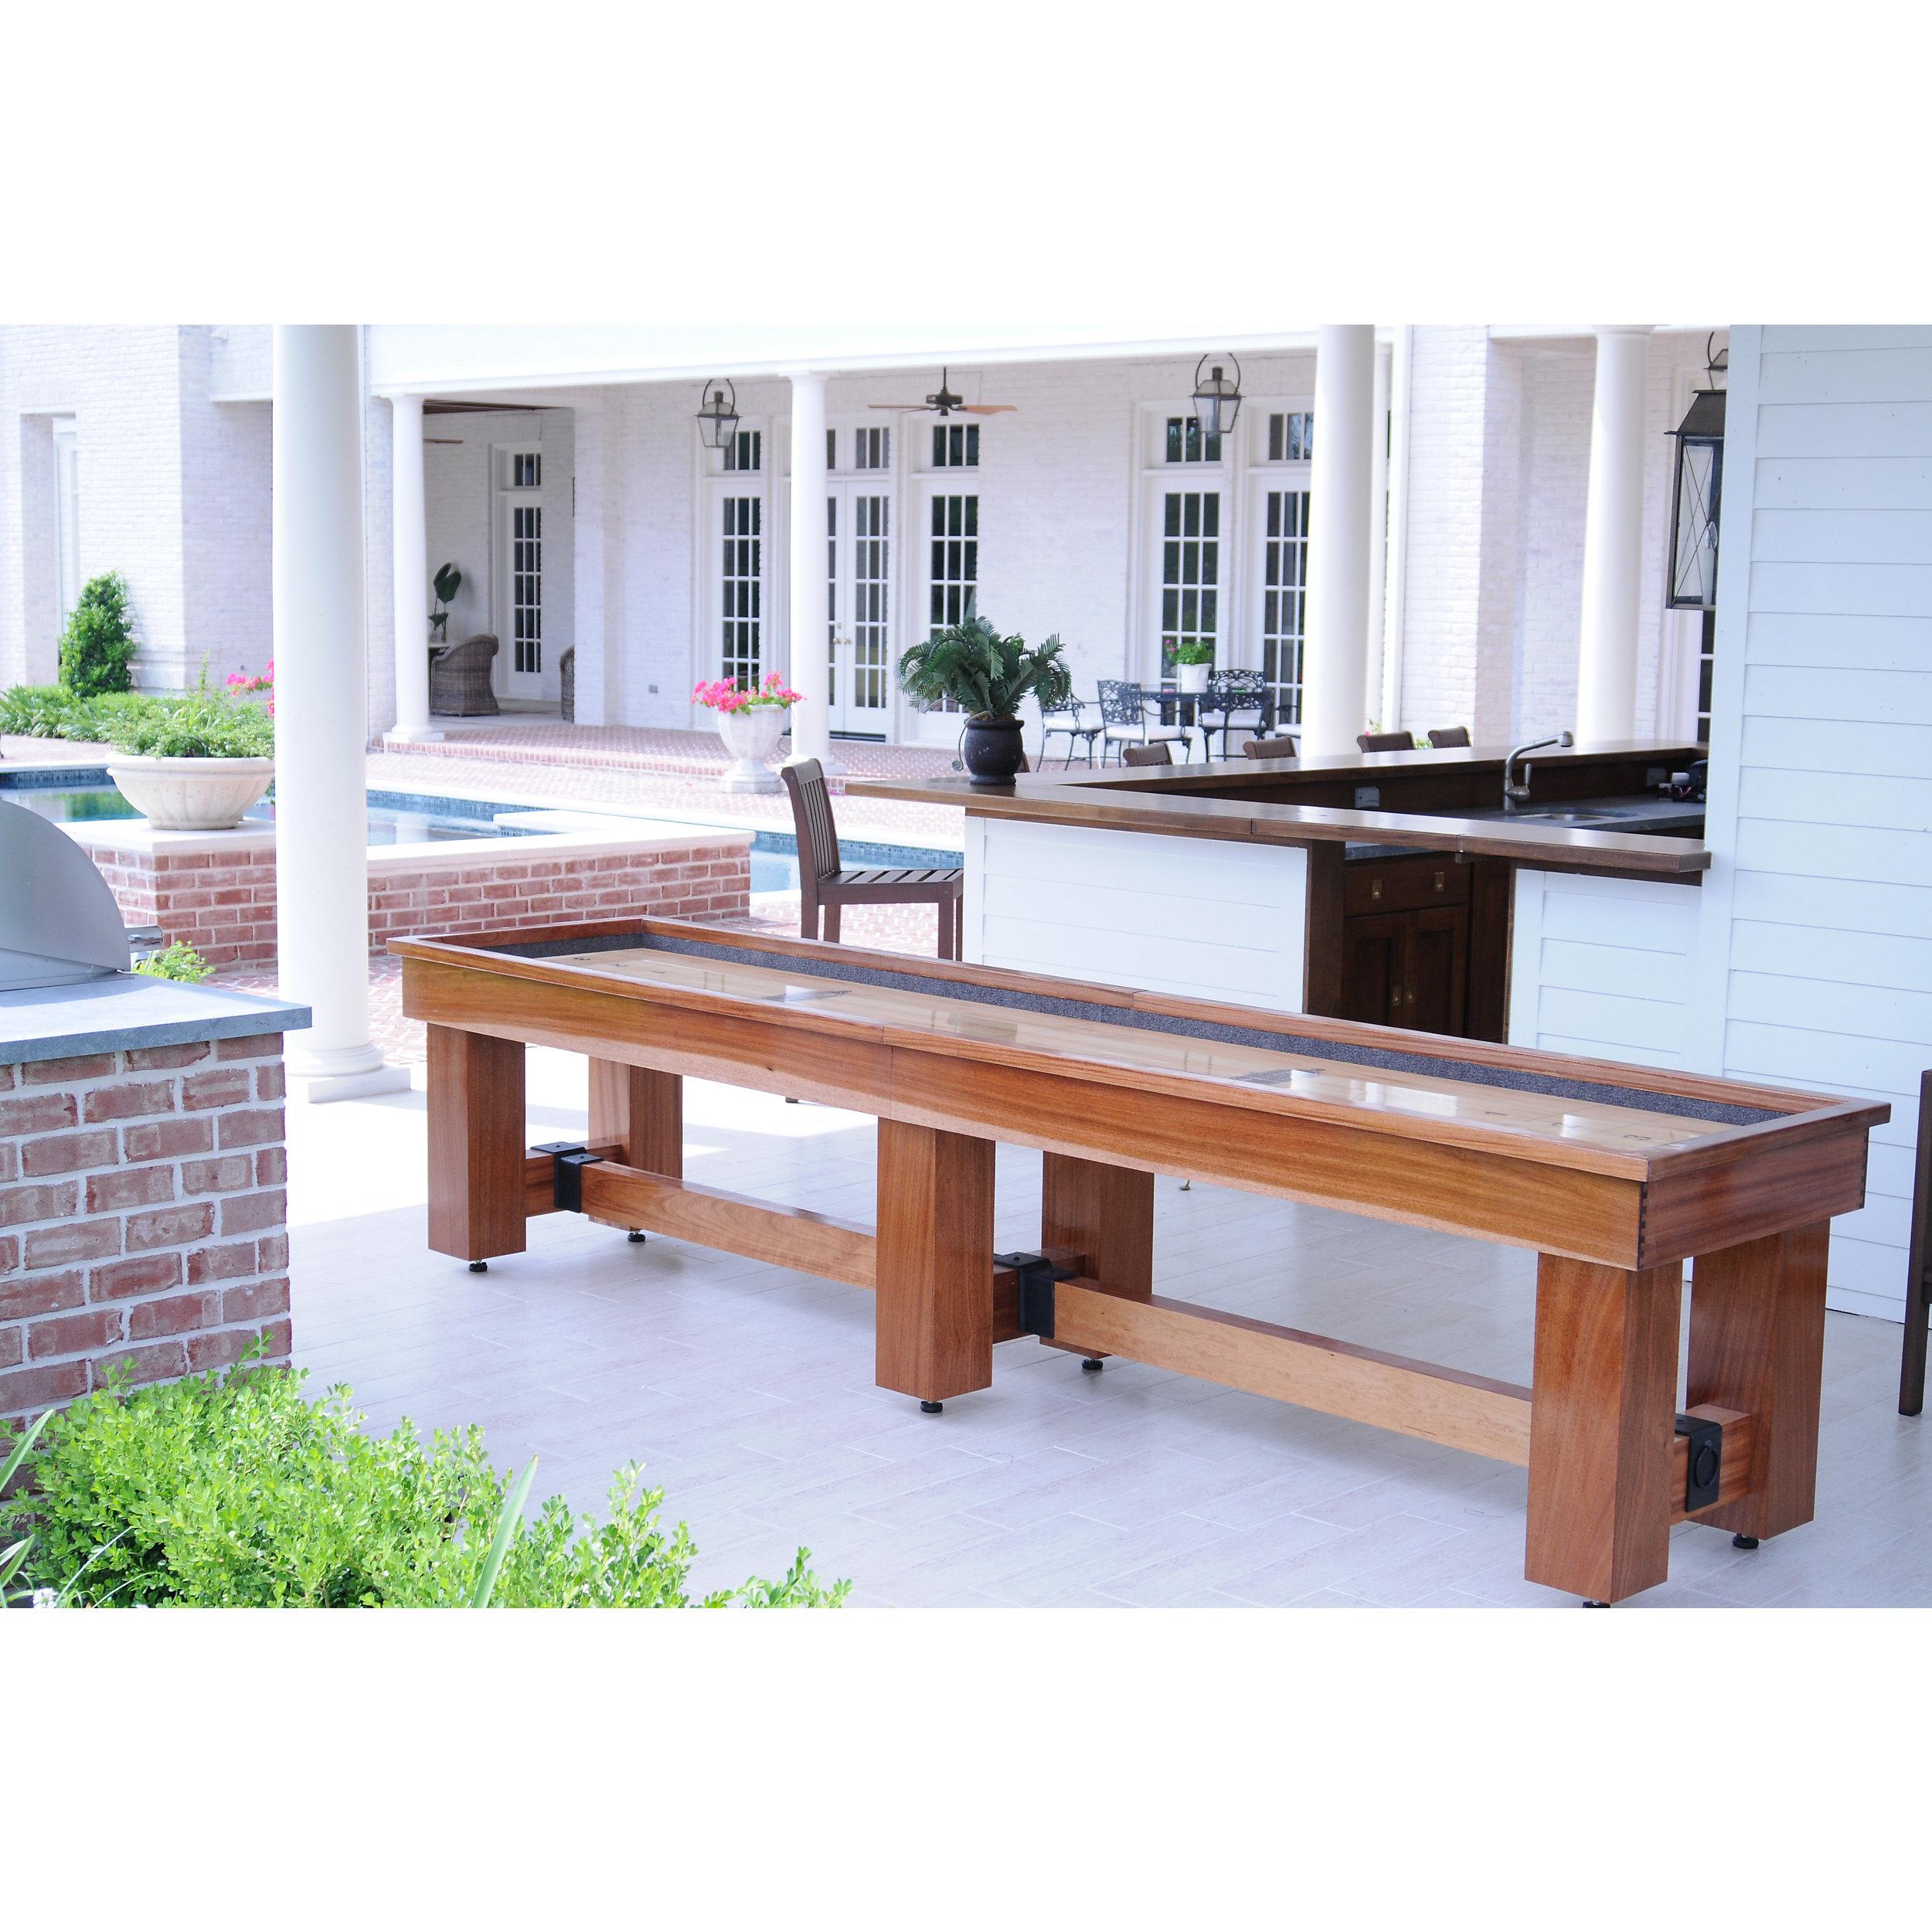 Outdoor Shuffleboard Table Shuffleboard For Sale - 12 foot shuffleboard table for sale